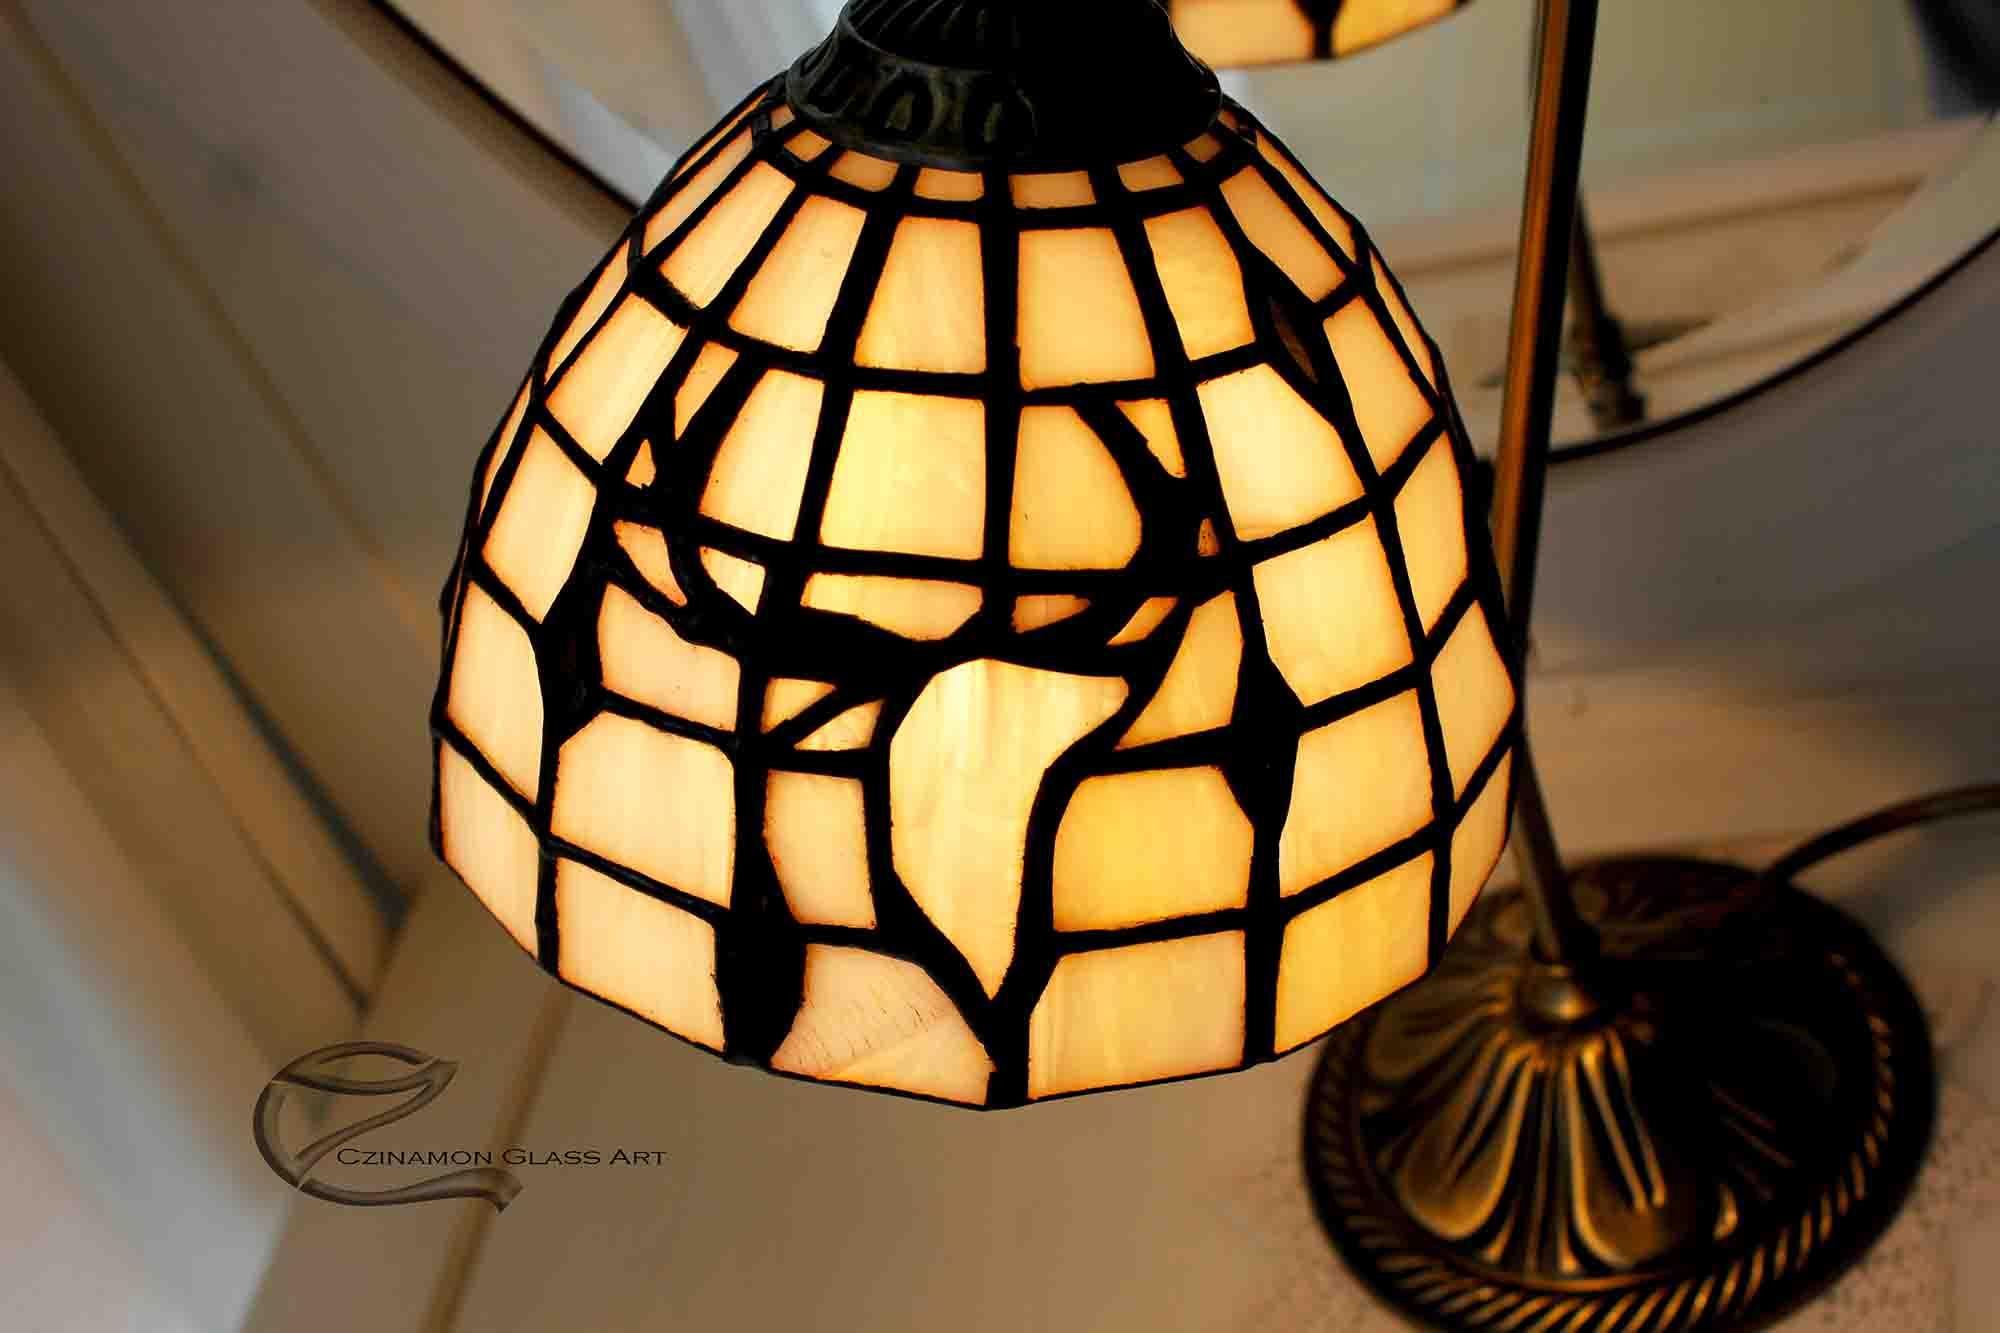 Egyedi lámpa, szarvas motívummal